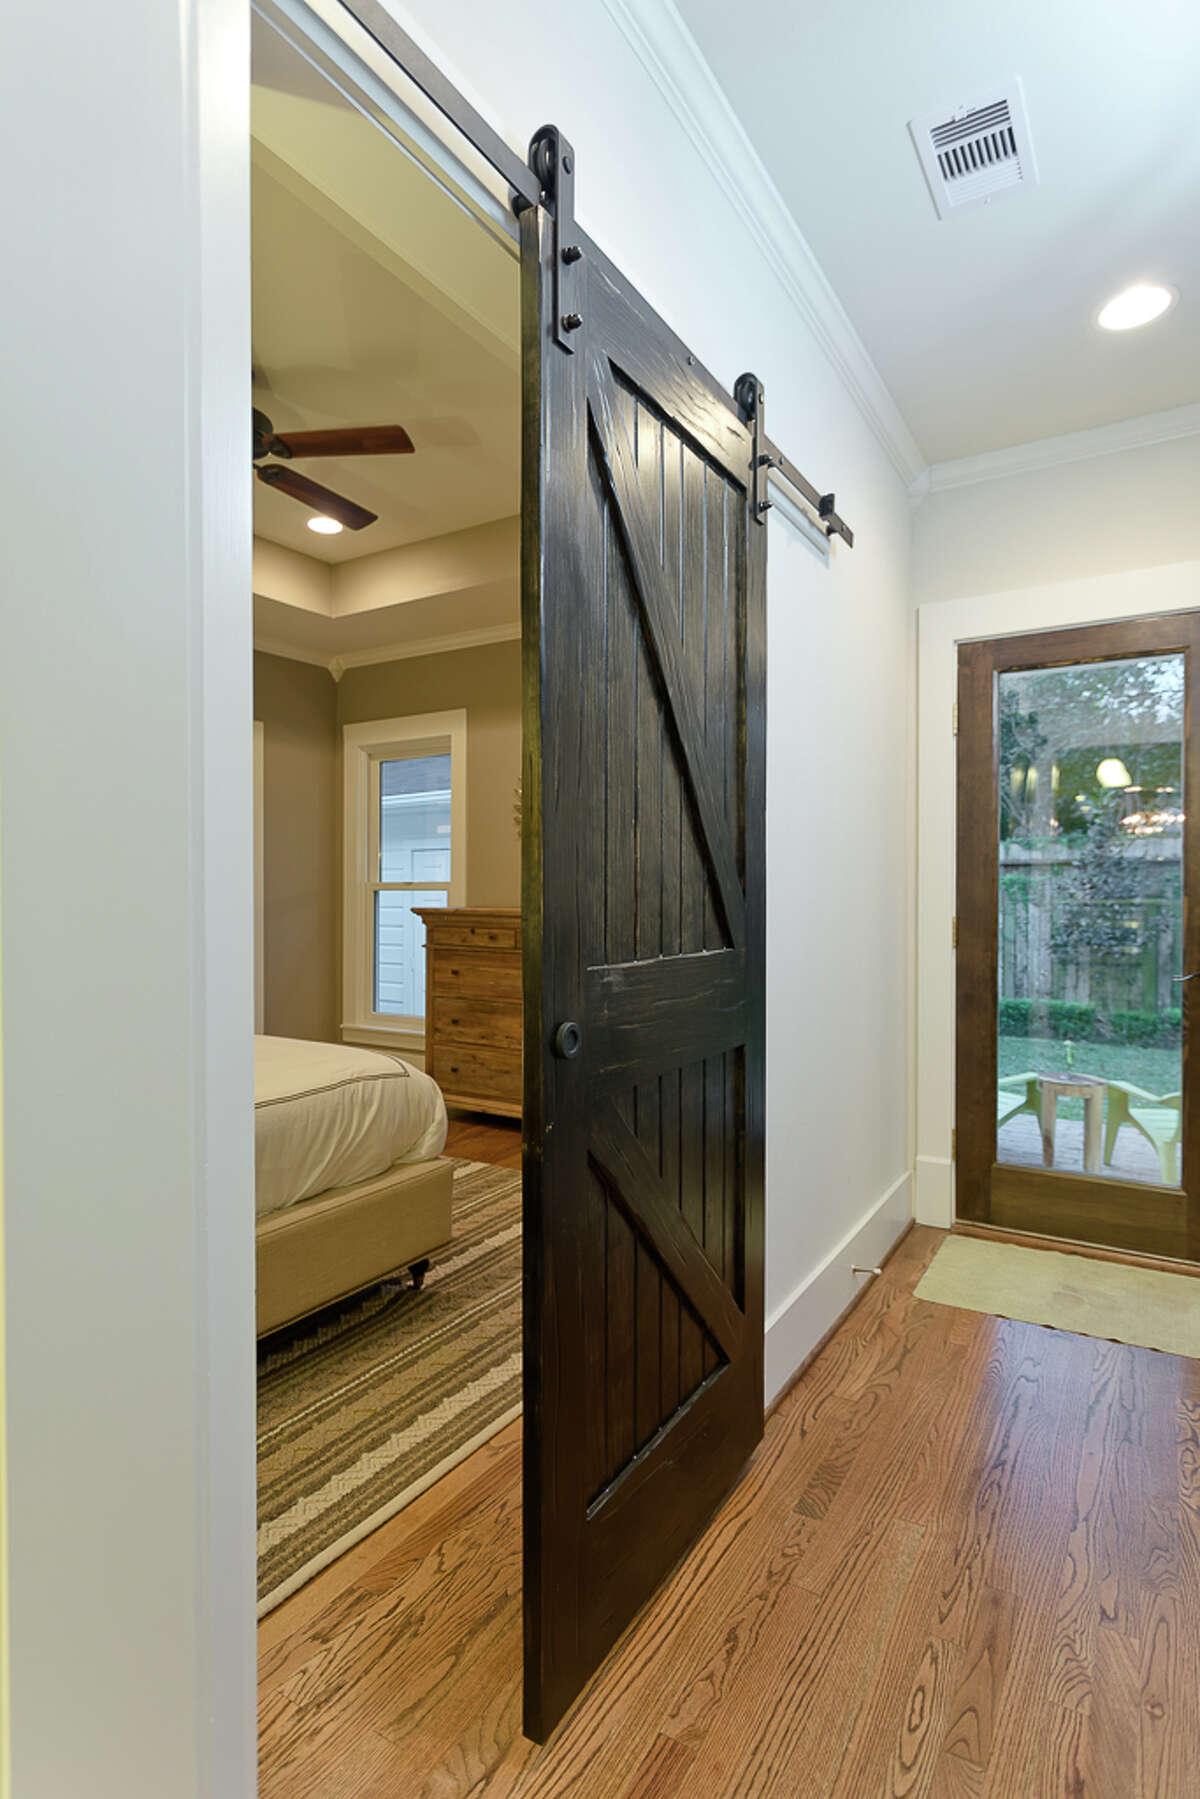 1920s North Norhill bungalow The master bedroom's door is designed to look like a barn door.